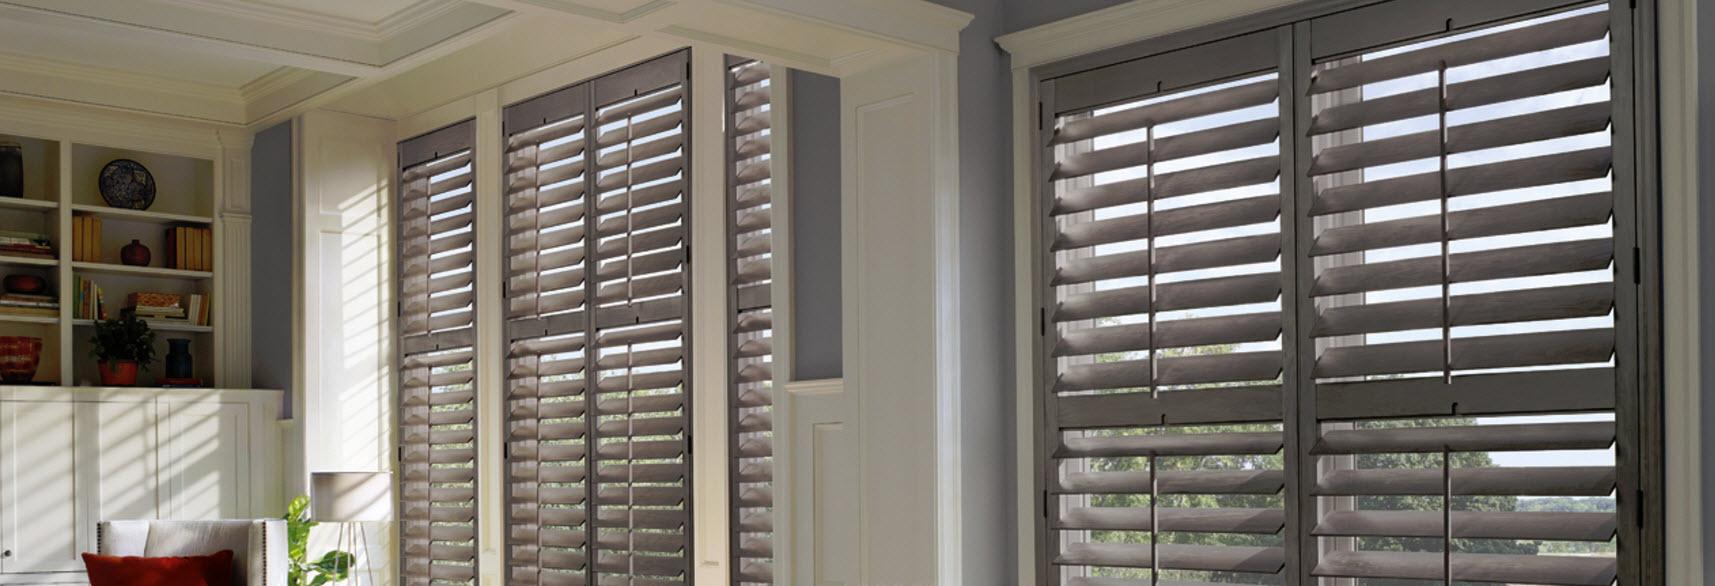 shutters-illinois